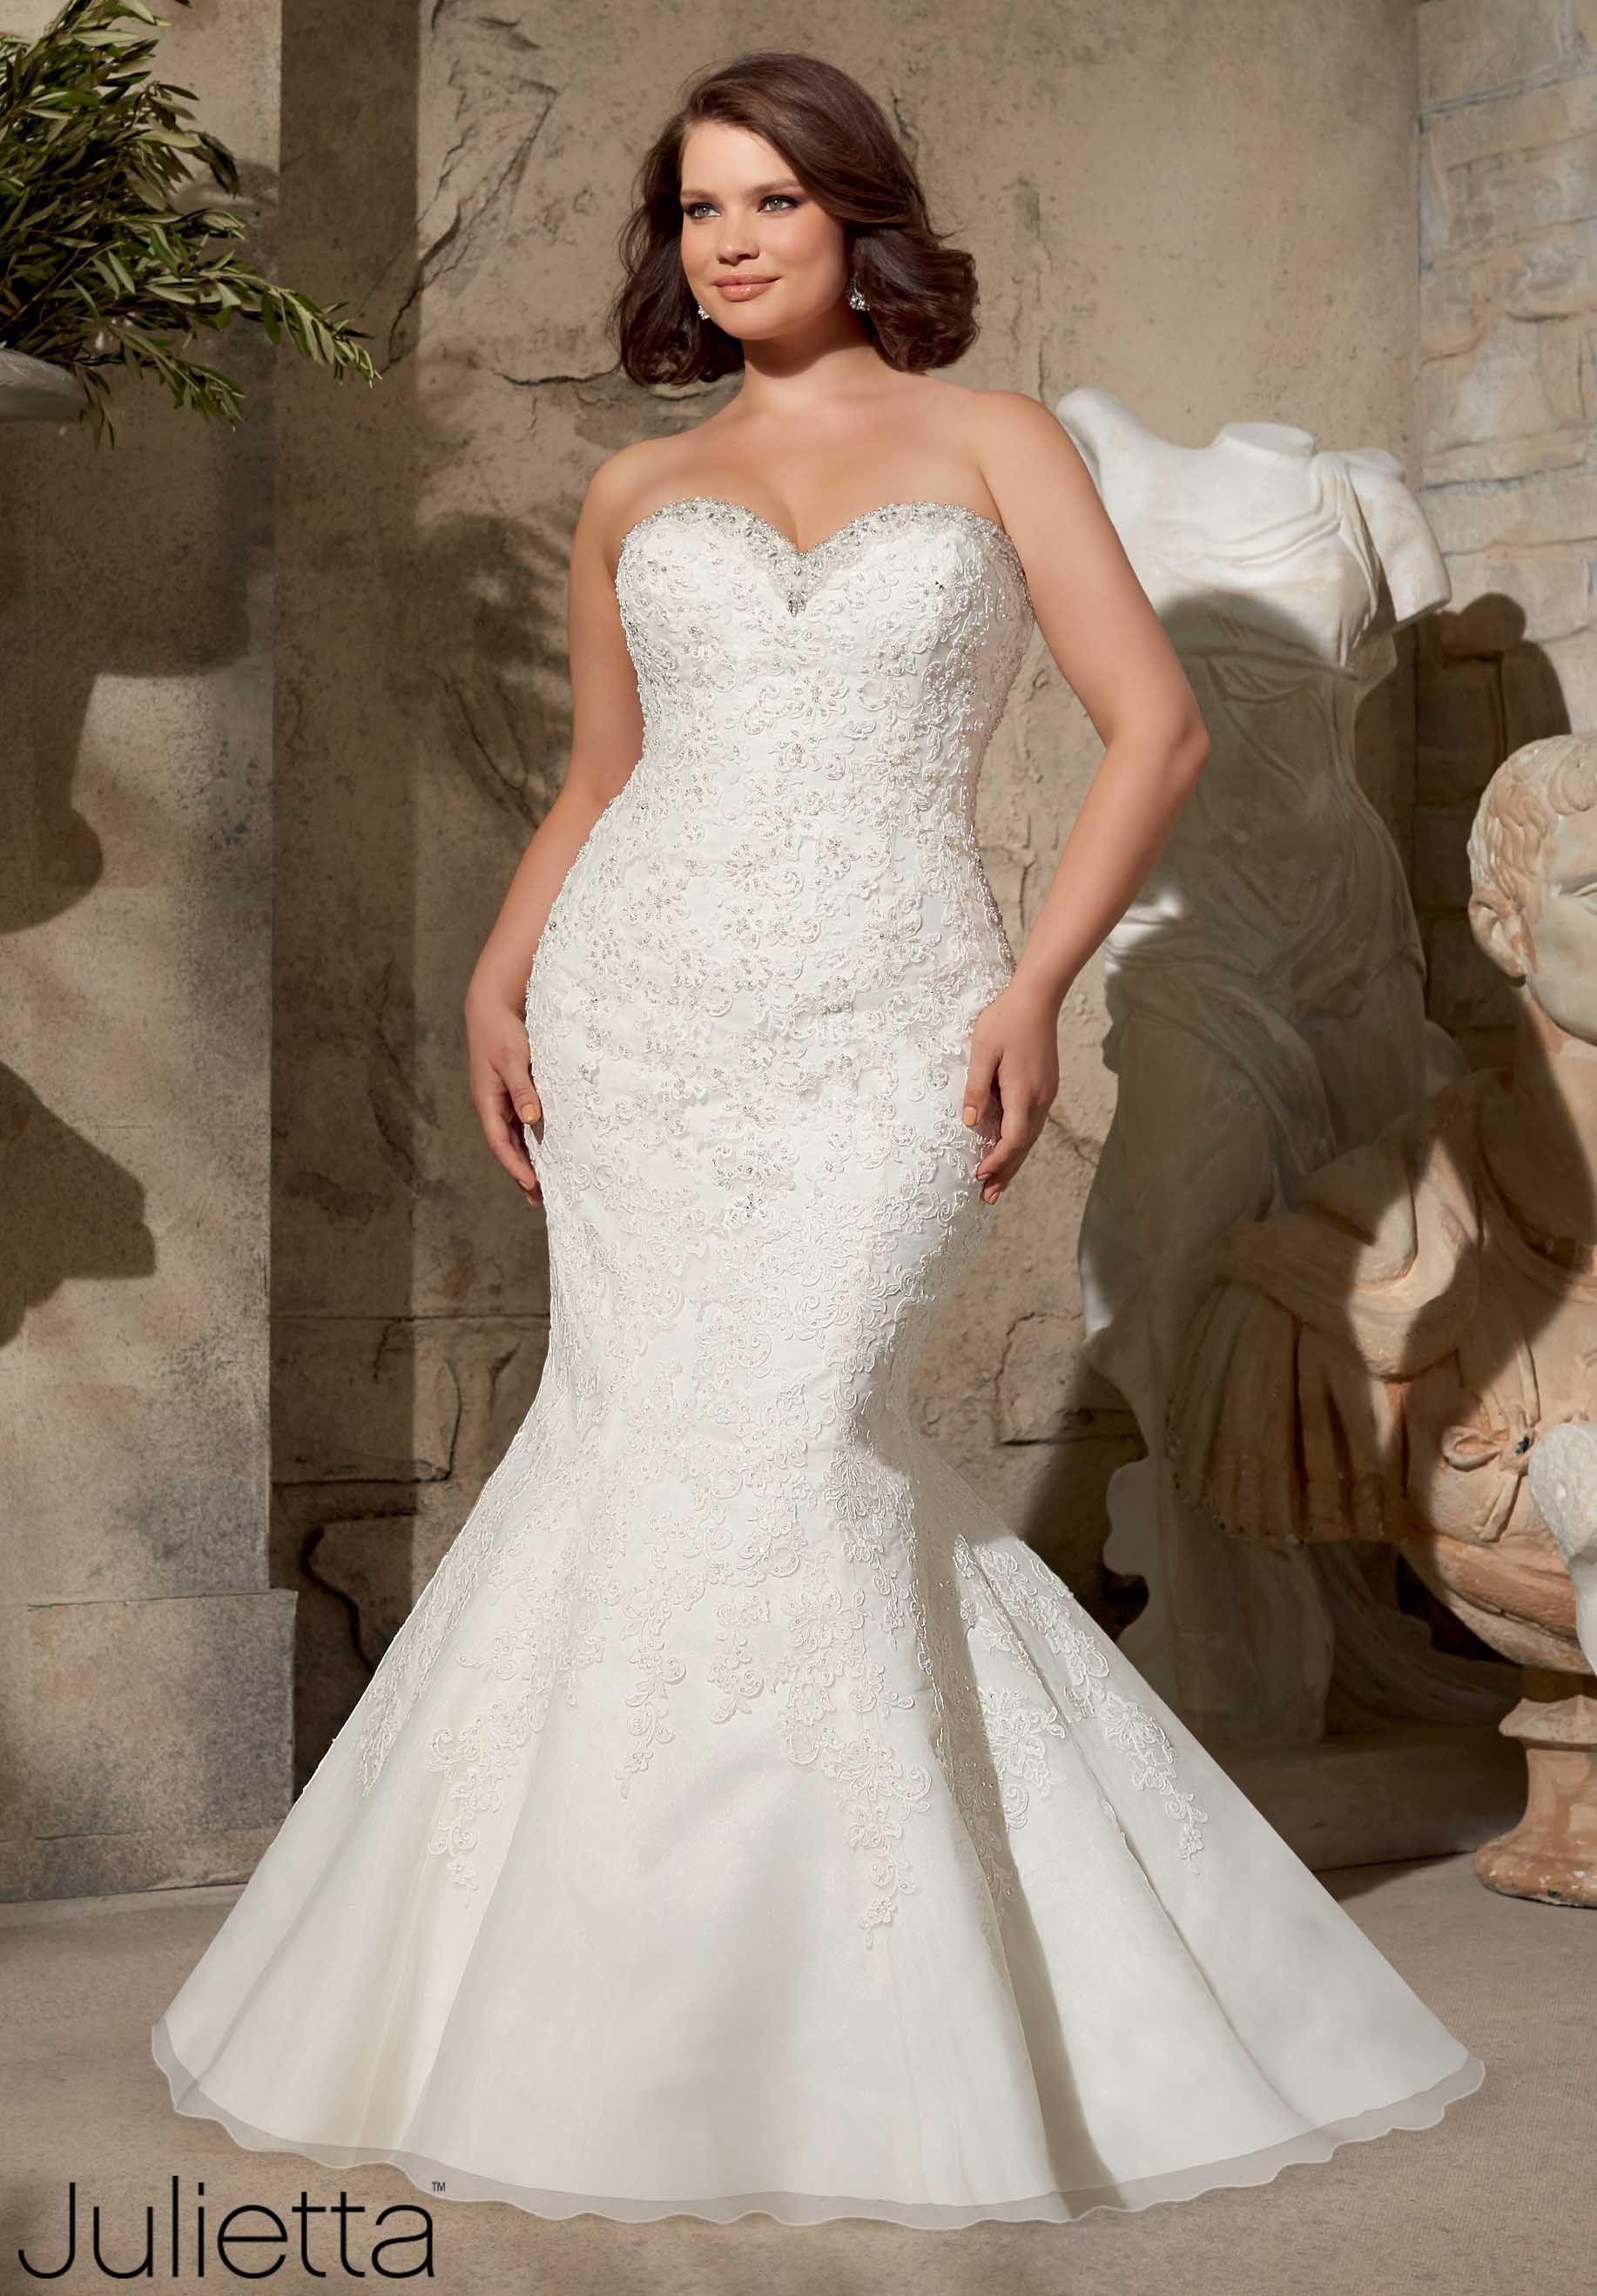 991187ff7 Vestidos de novia para gorditas - con fotos espectaculares